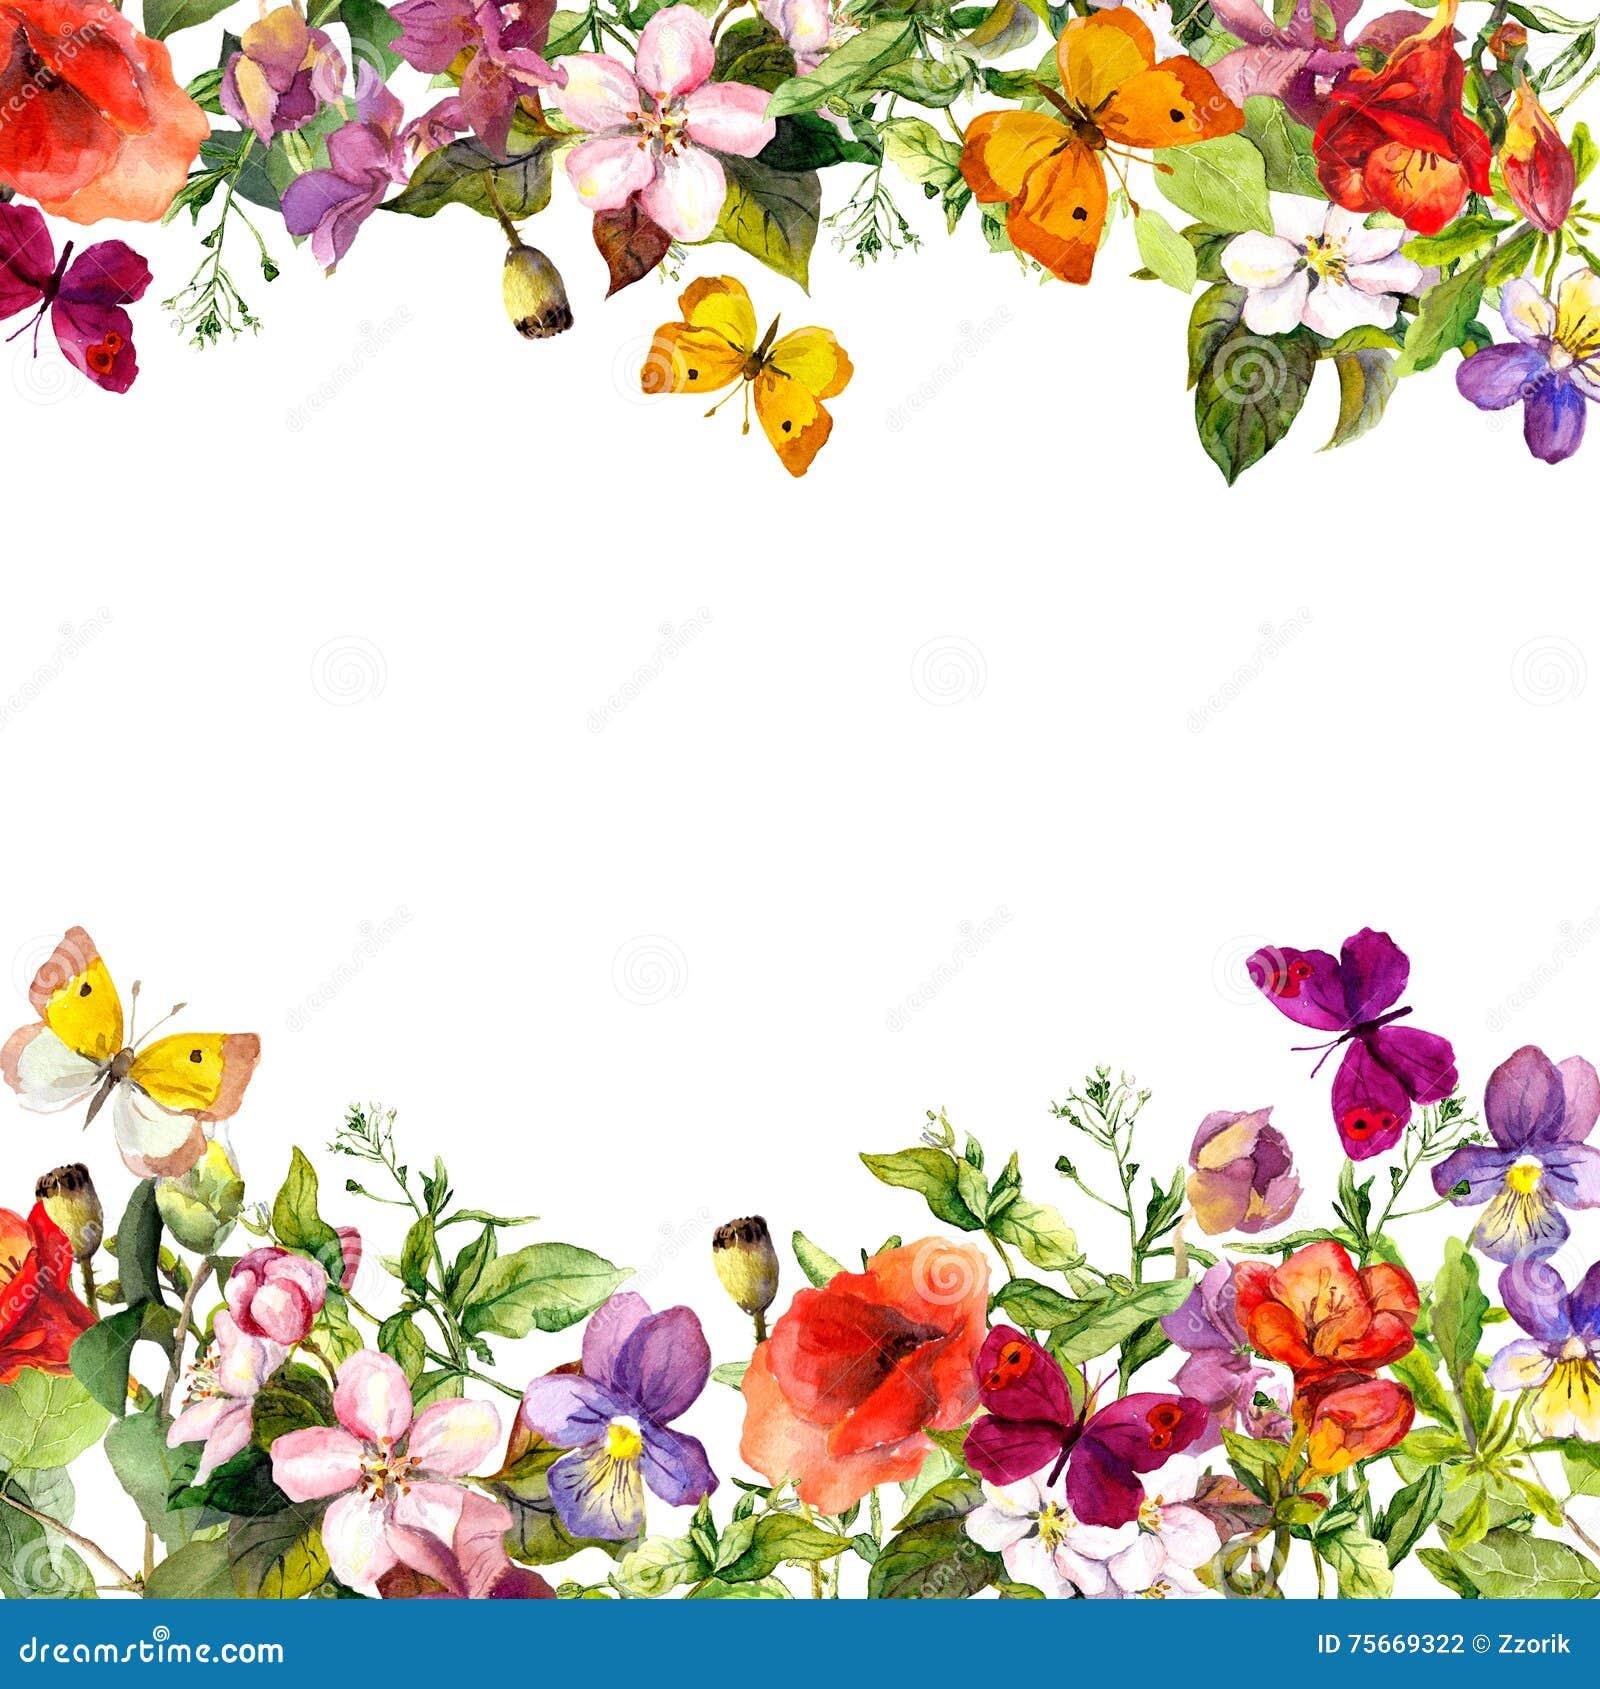 Vår sommarträdgård: blommor gräs, örter, fjärilar yellow för modell för hjärta för blommor för fjärilsdroppe blom- vattenfärg